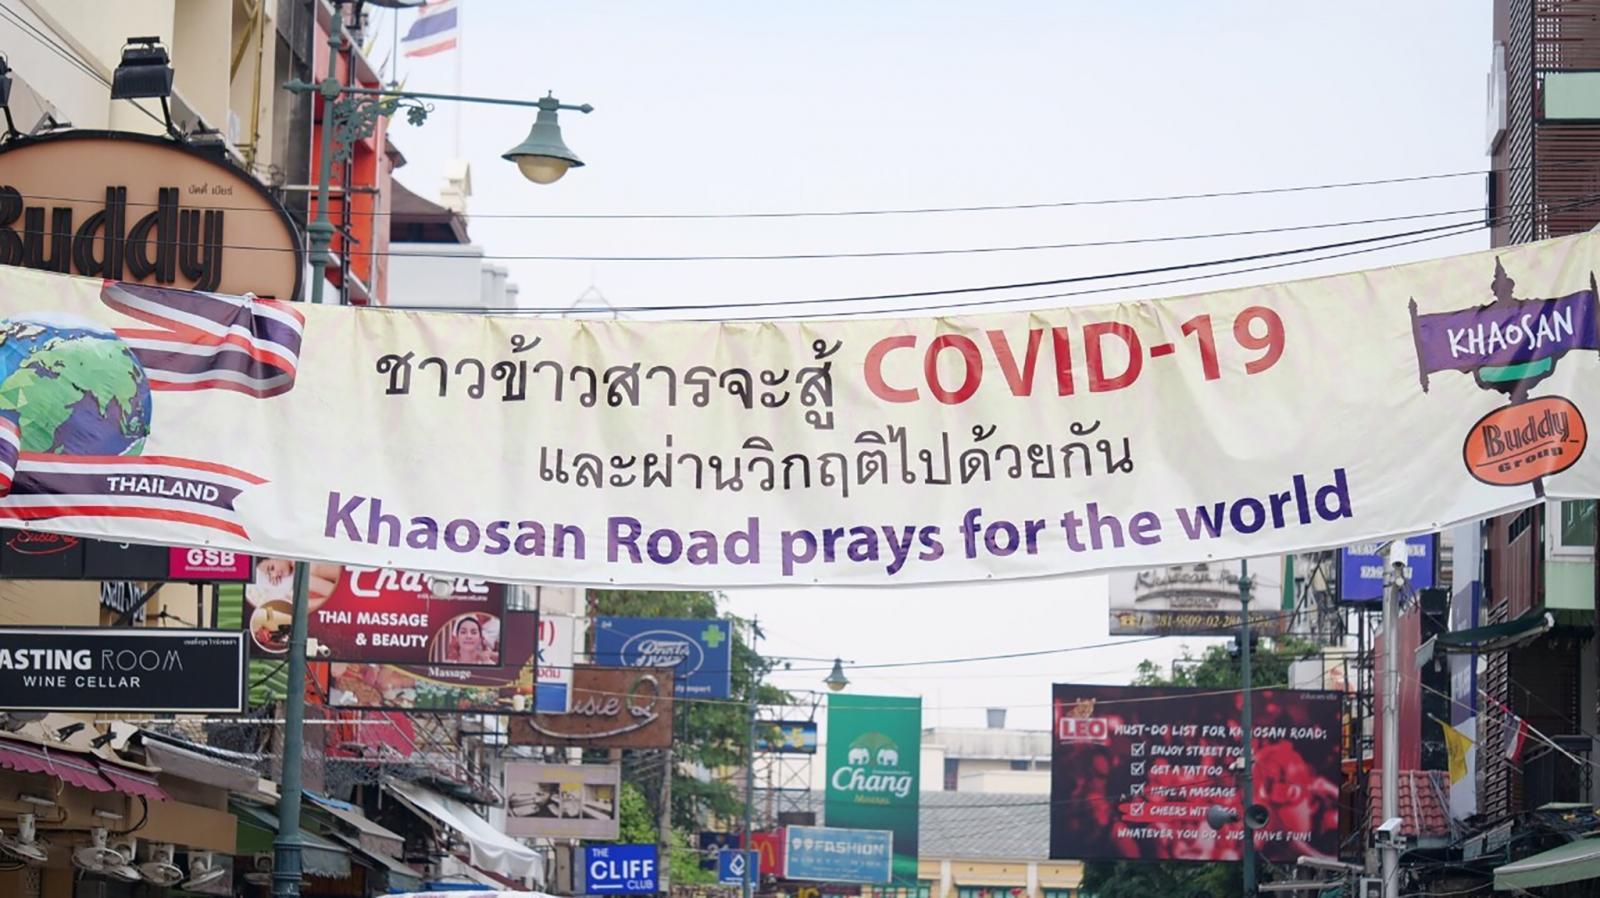 ปีนี้ไม่มีสงกรานต์ ...เมือไทย งดสงกรานต์หนี โควิด-19 กระทบใครบ้าง?